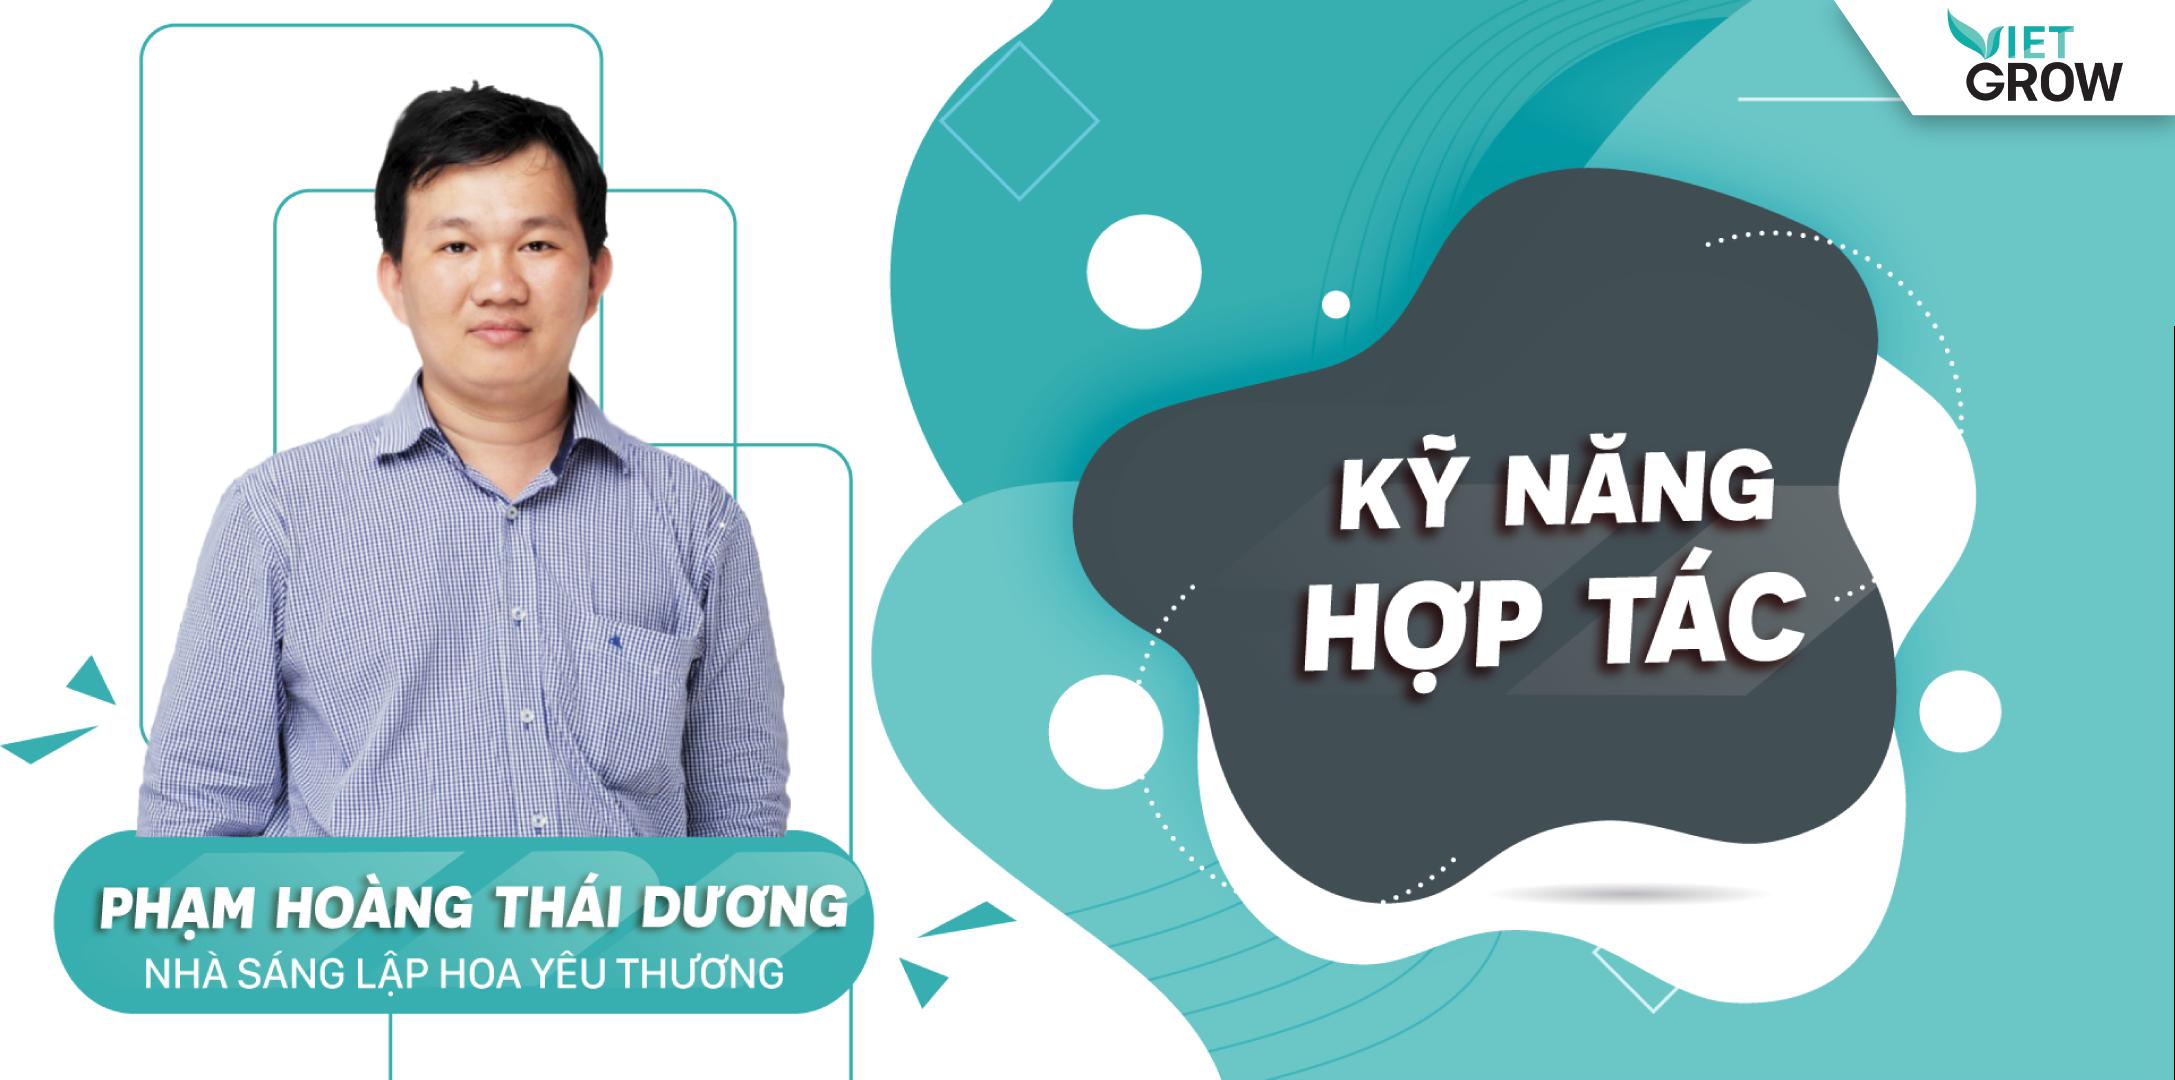 Share khóa học KỸ NĂNG HỢP TÁC - Phạm Hoàng Thái Dương